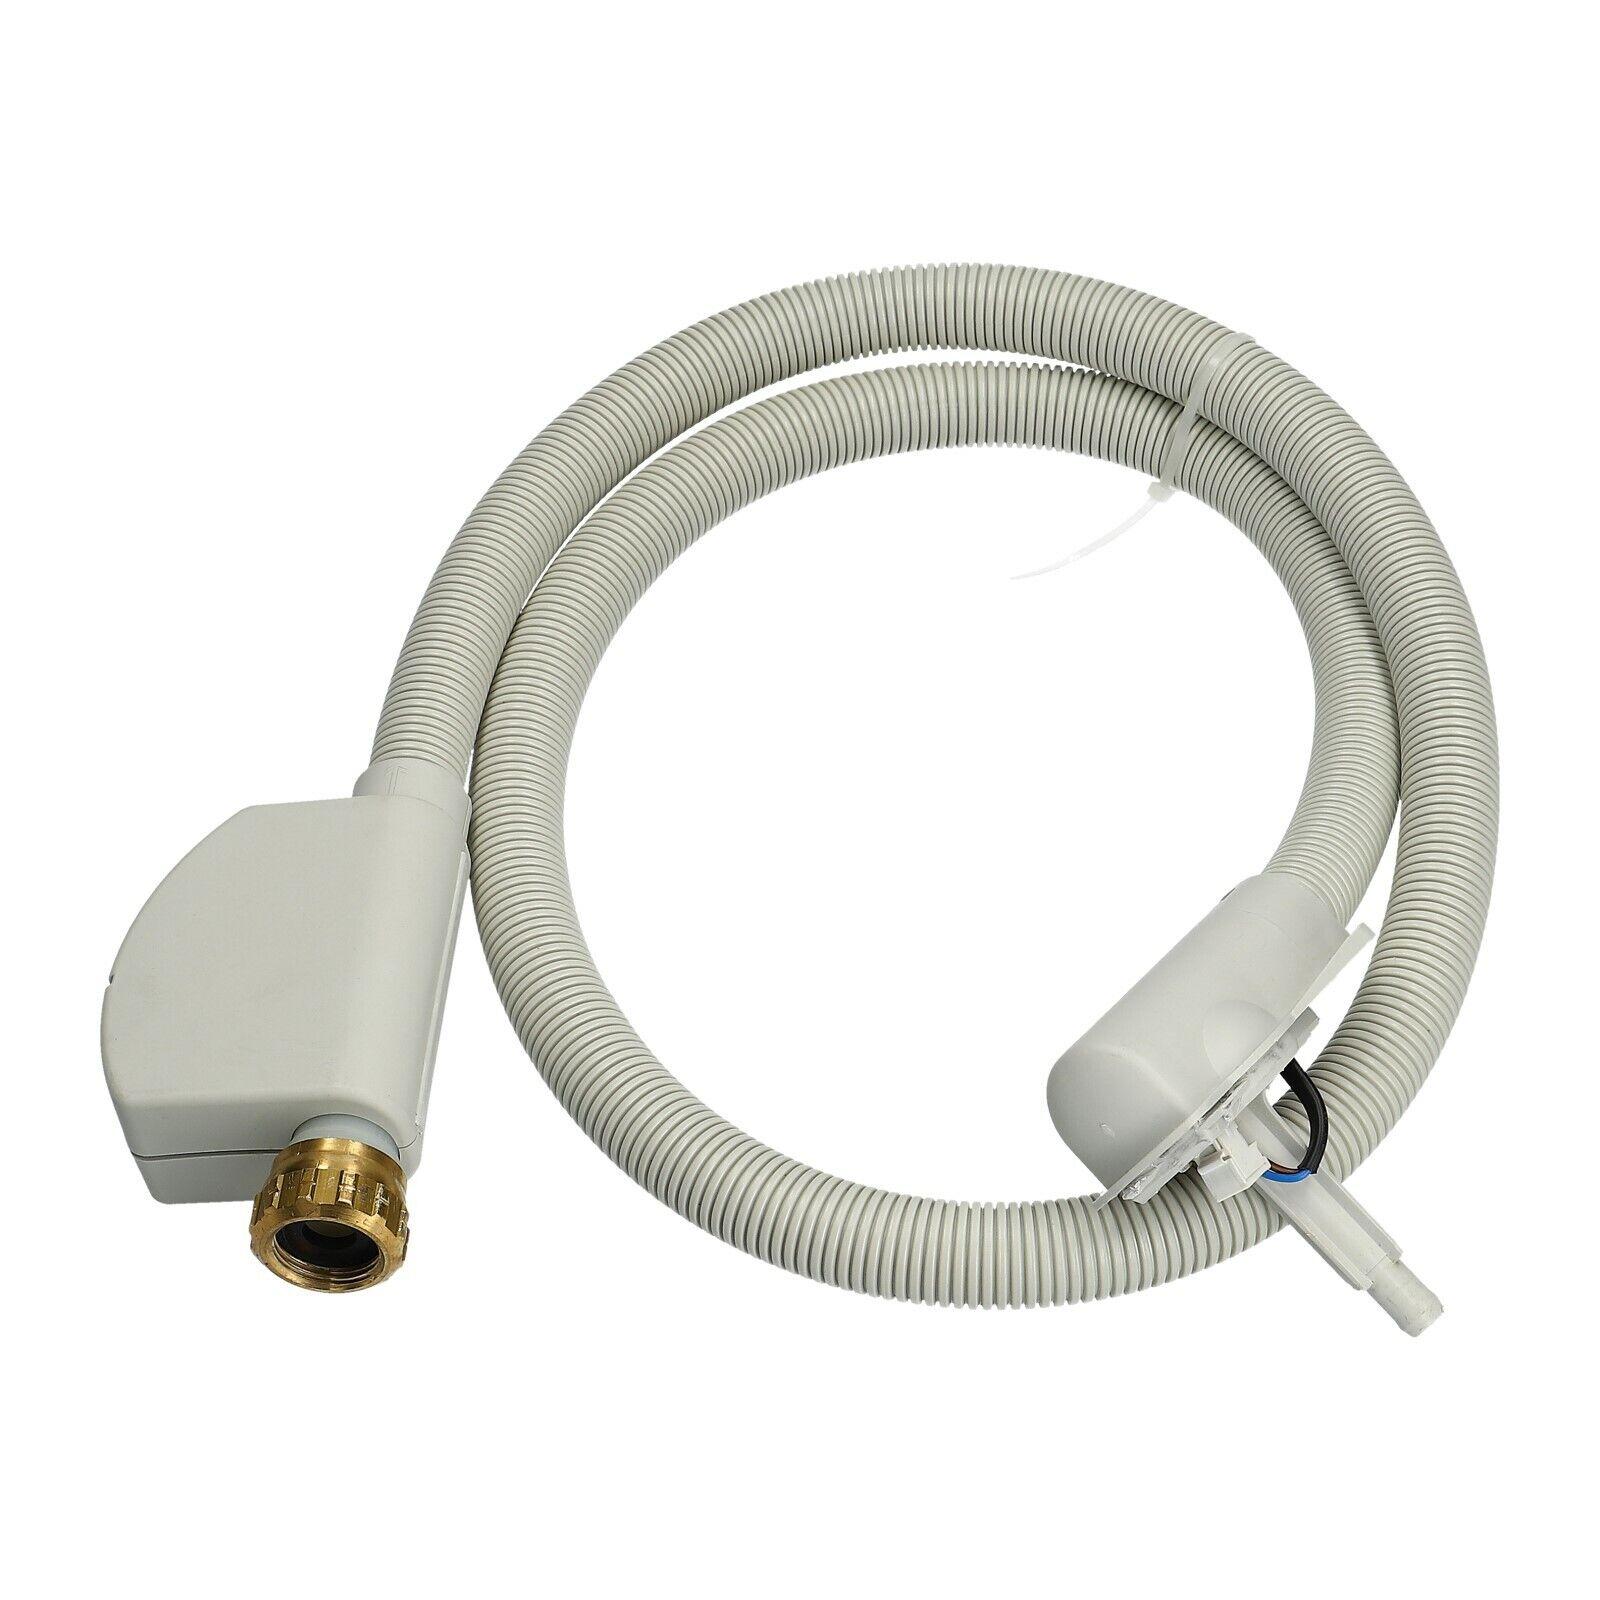 Zulaufschlauch Aquastop Miele Schlauch paßt für Miele 4622714 Waschmaschine #00